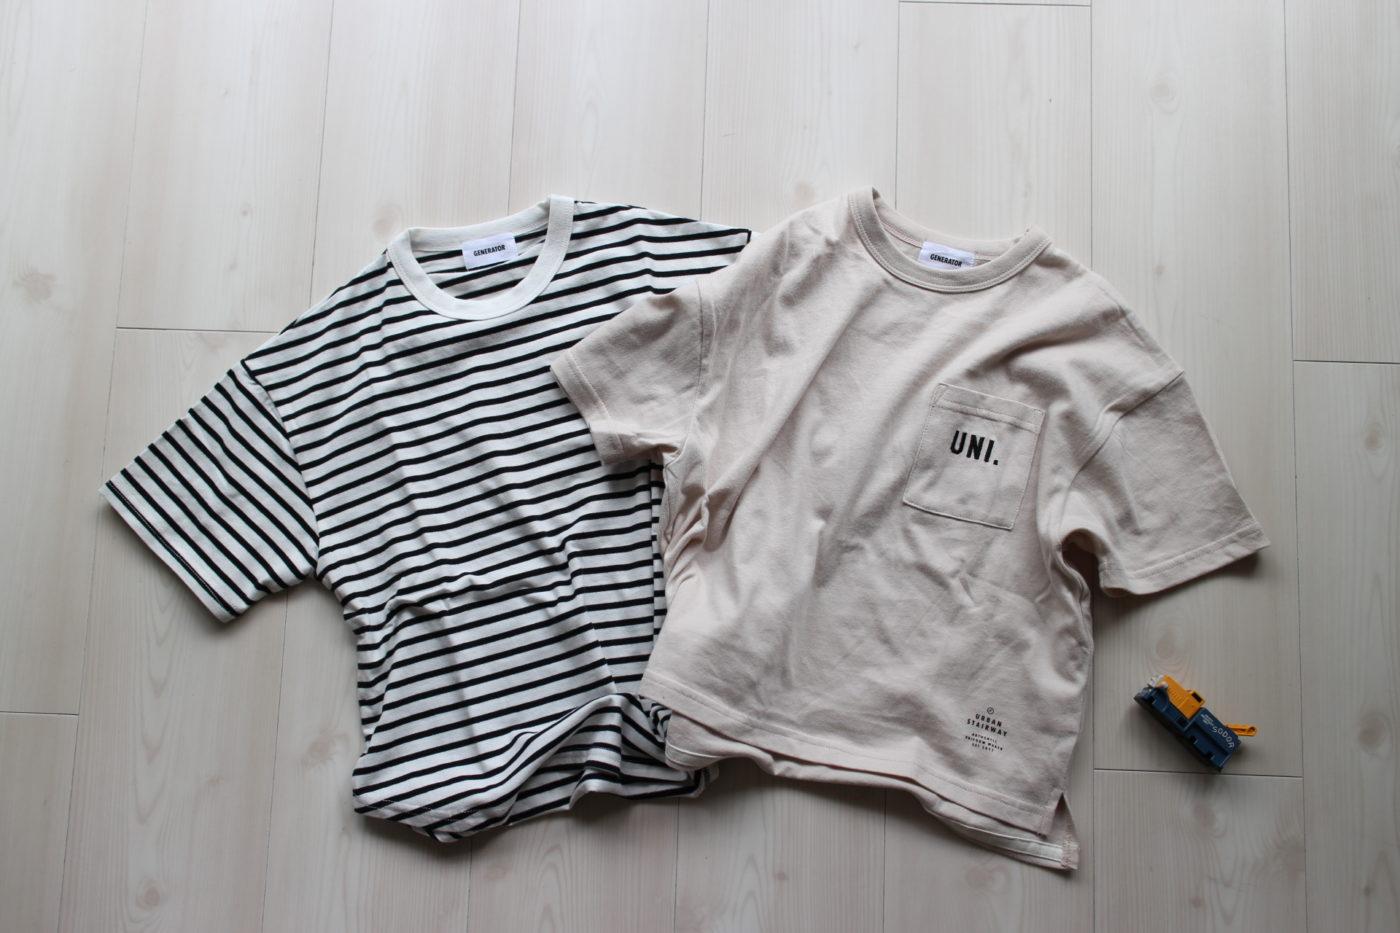 2,000円前後でシンプルおしゃれな国内子供服ブランドリスト。